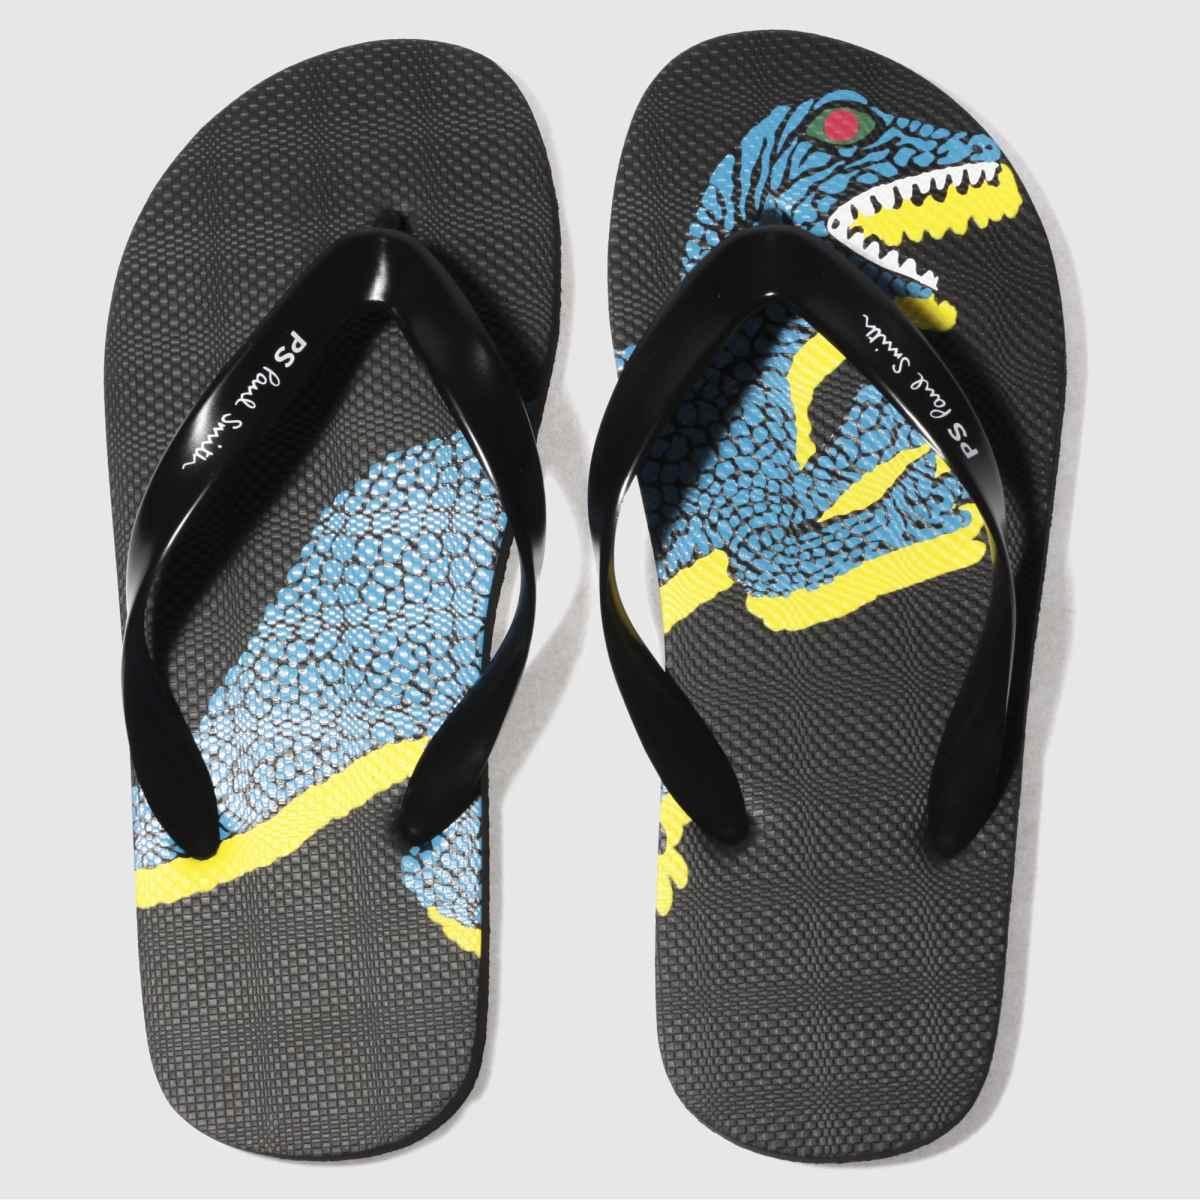 paul smith shoe ps Paul Smith Shoe Ps Black Discflop Sandals